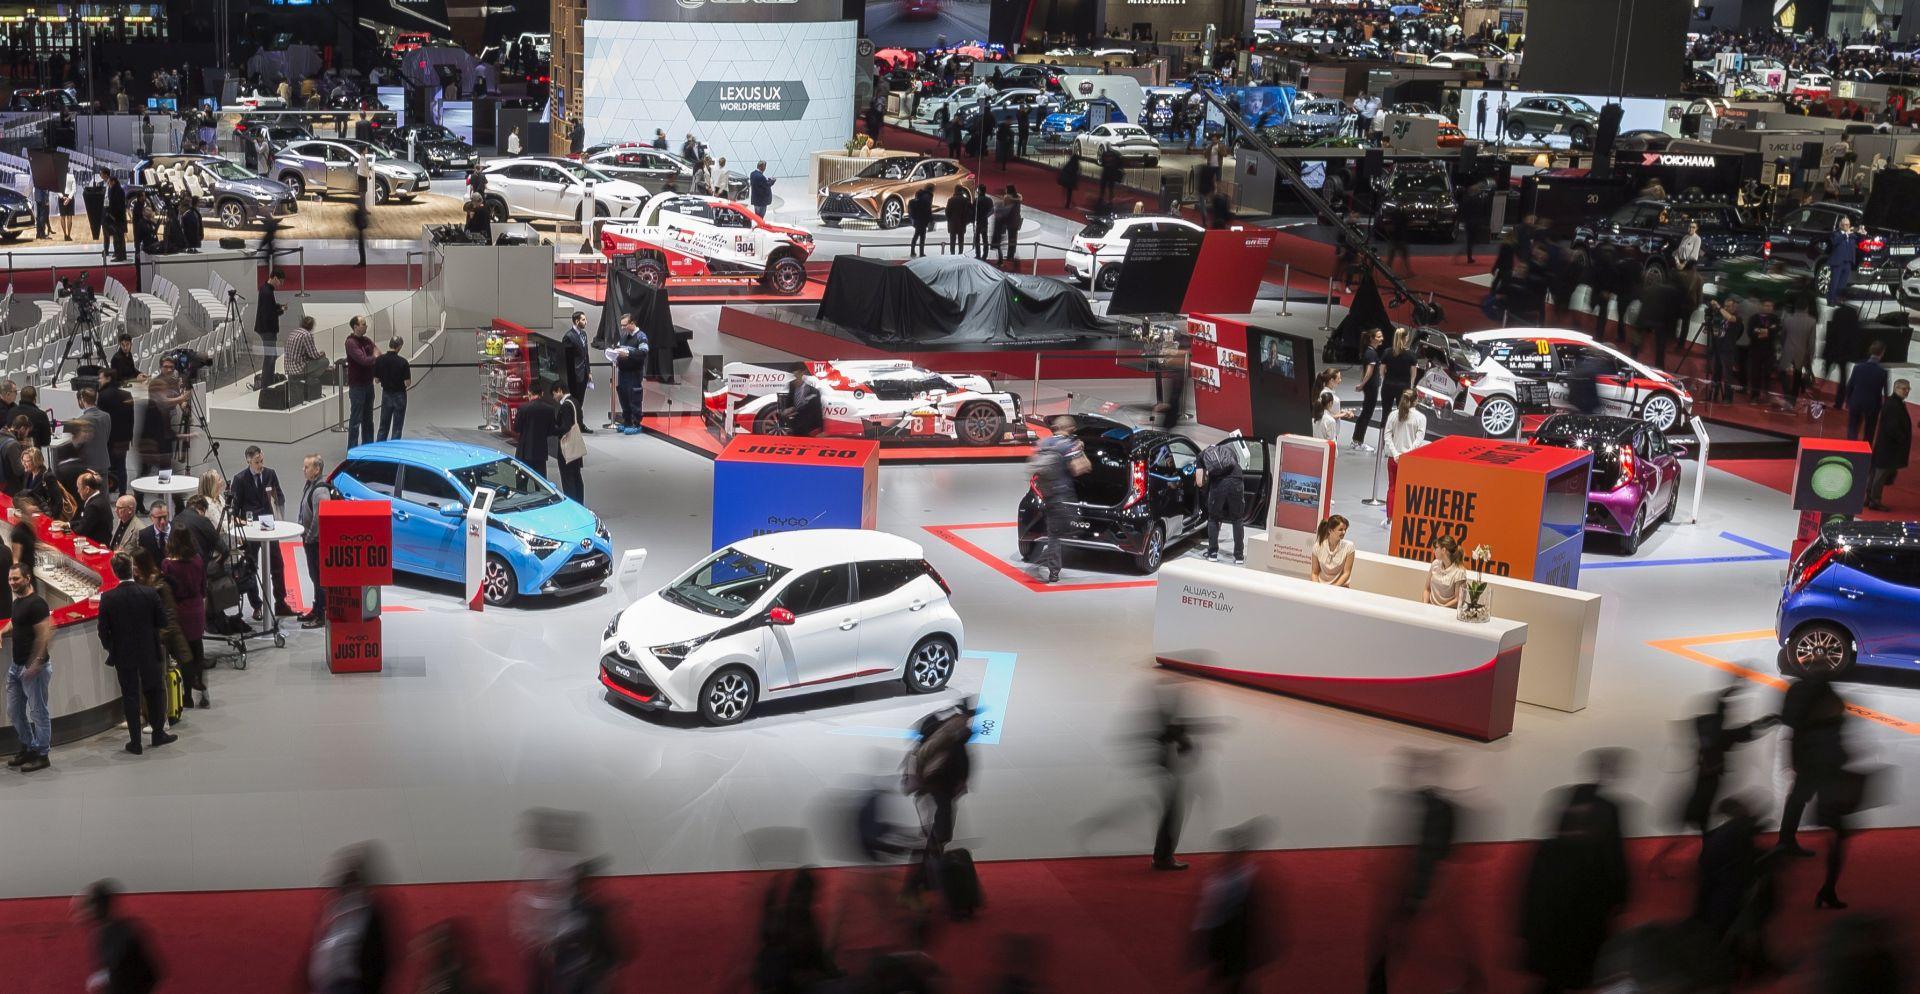 Salon automobila u Ženevi u svjetlu utrke za profitom